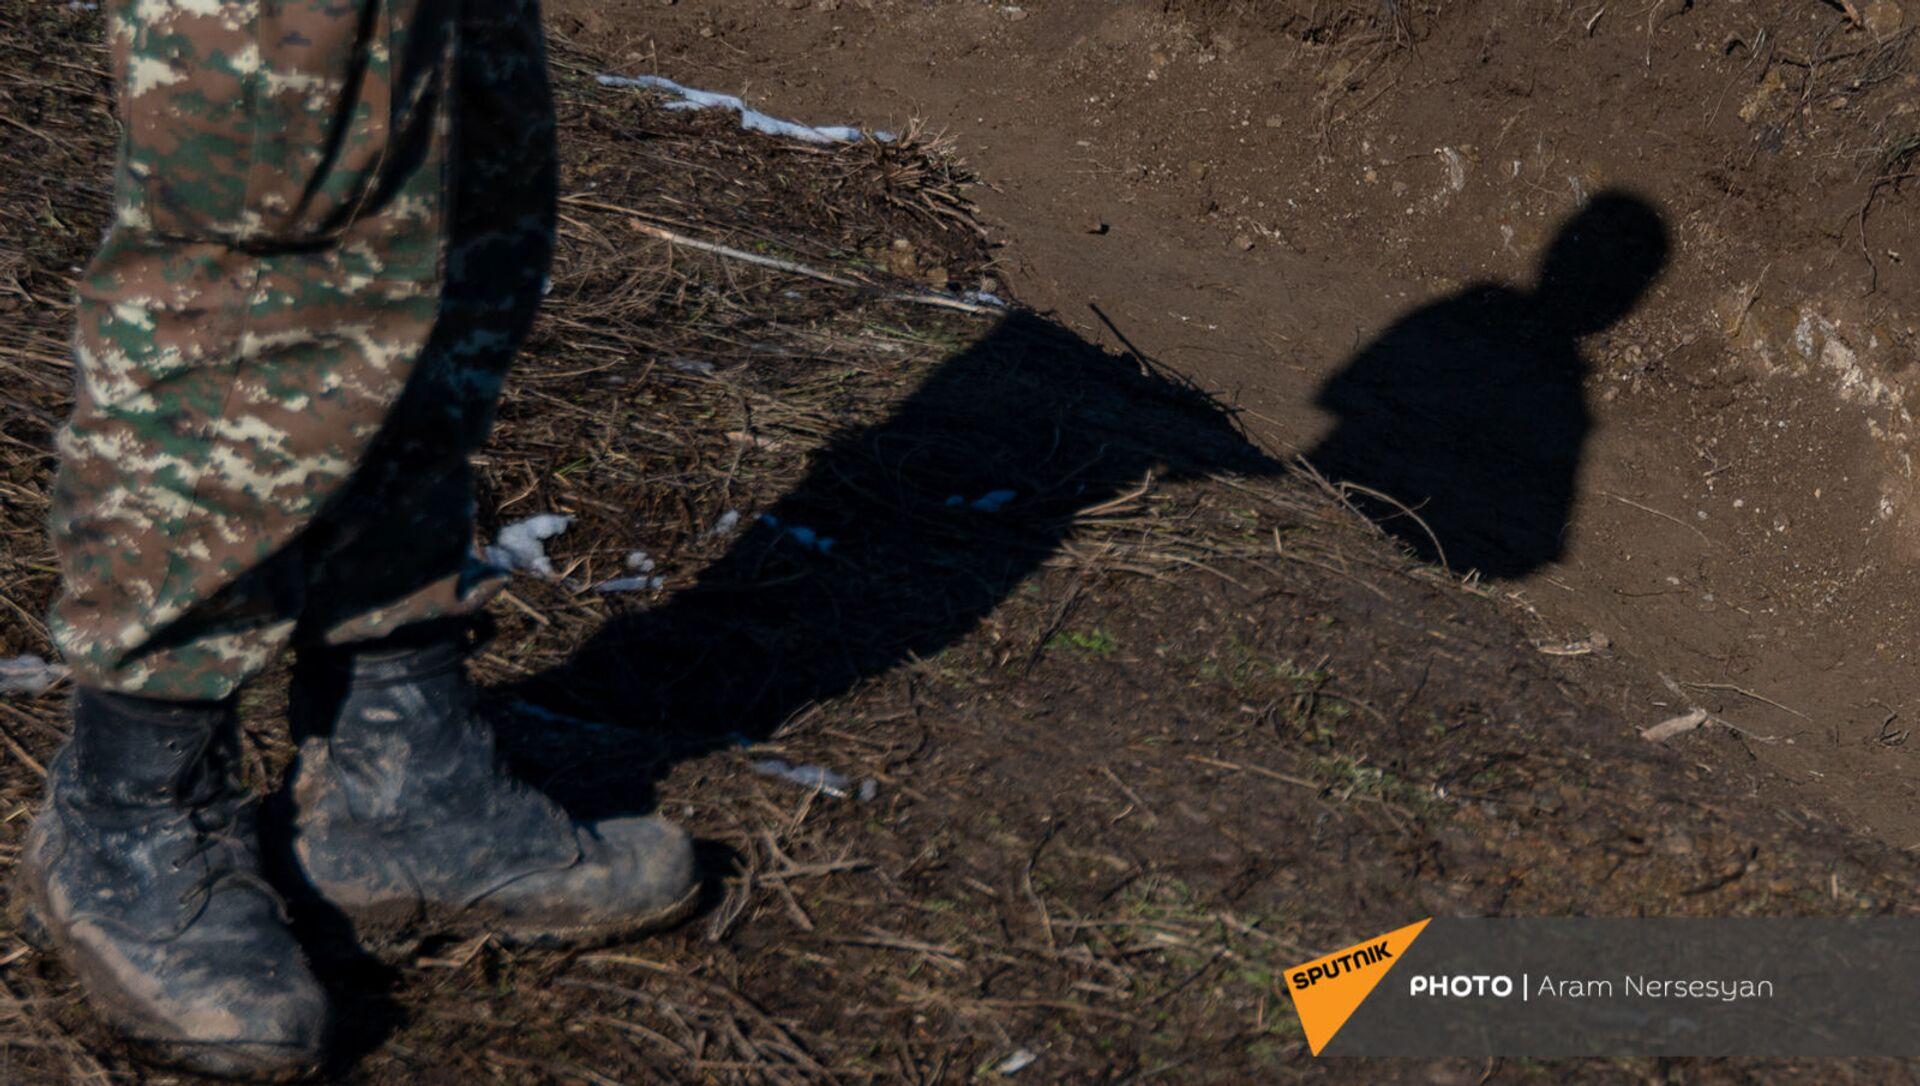 Армянские военнослужащие на одной из позиций близ села Давид Бек в Сюникской области Армении - Sputnik Արմենիա, 1920, 23.08.2021